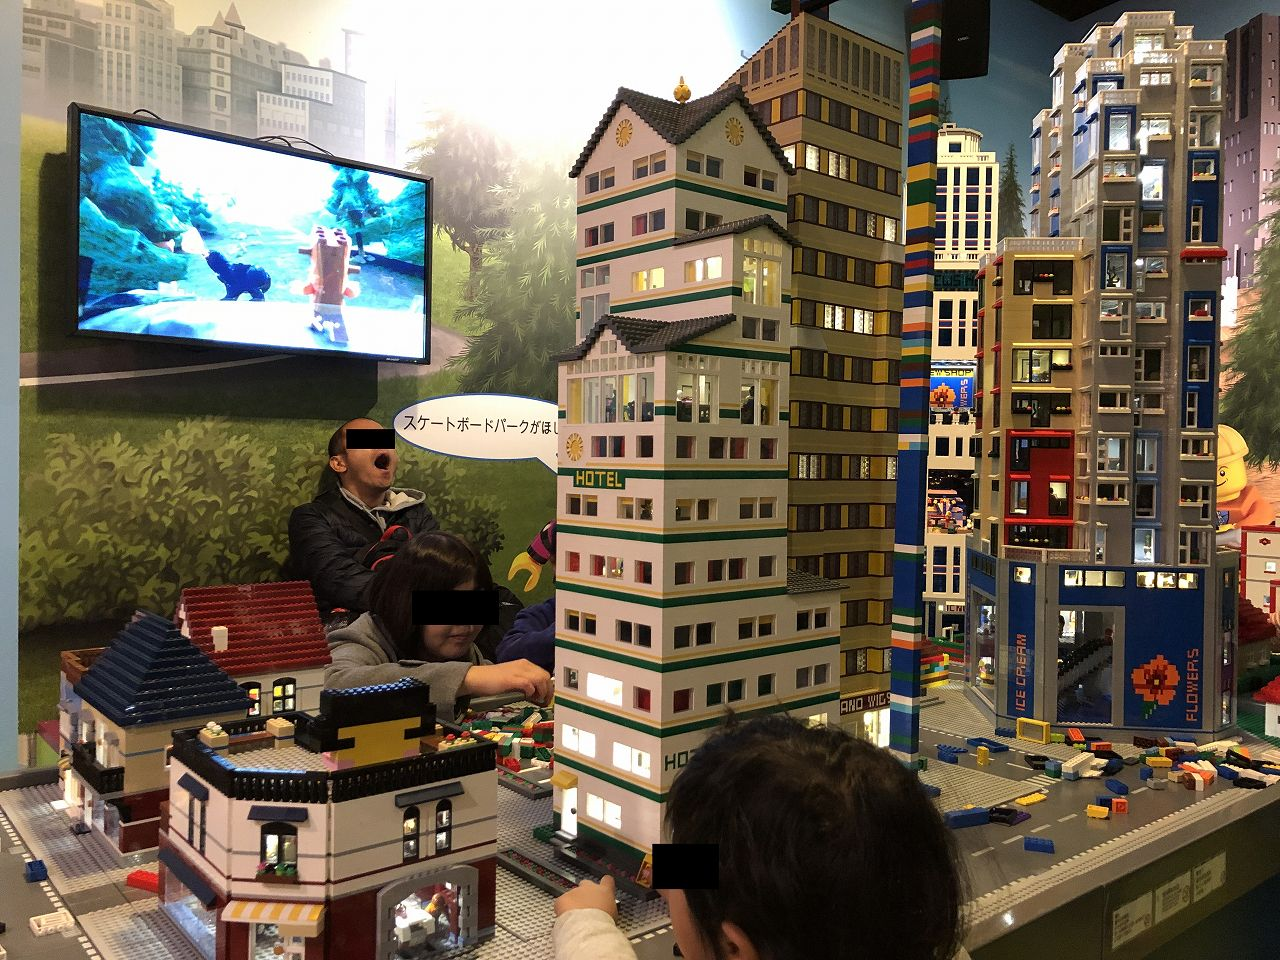 レゴで作った街